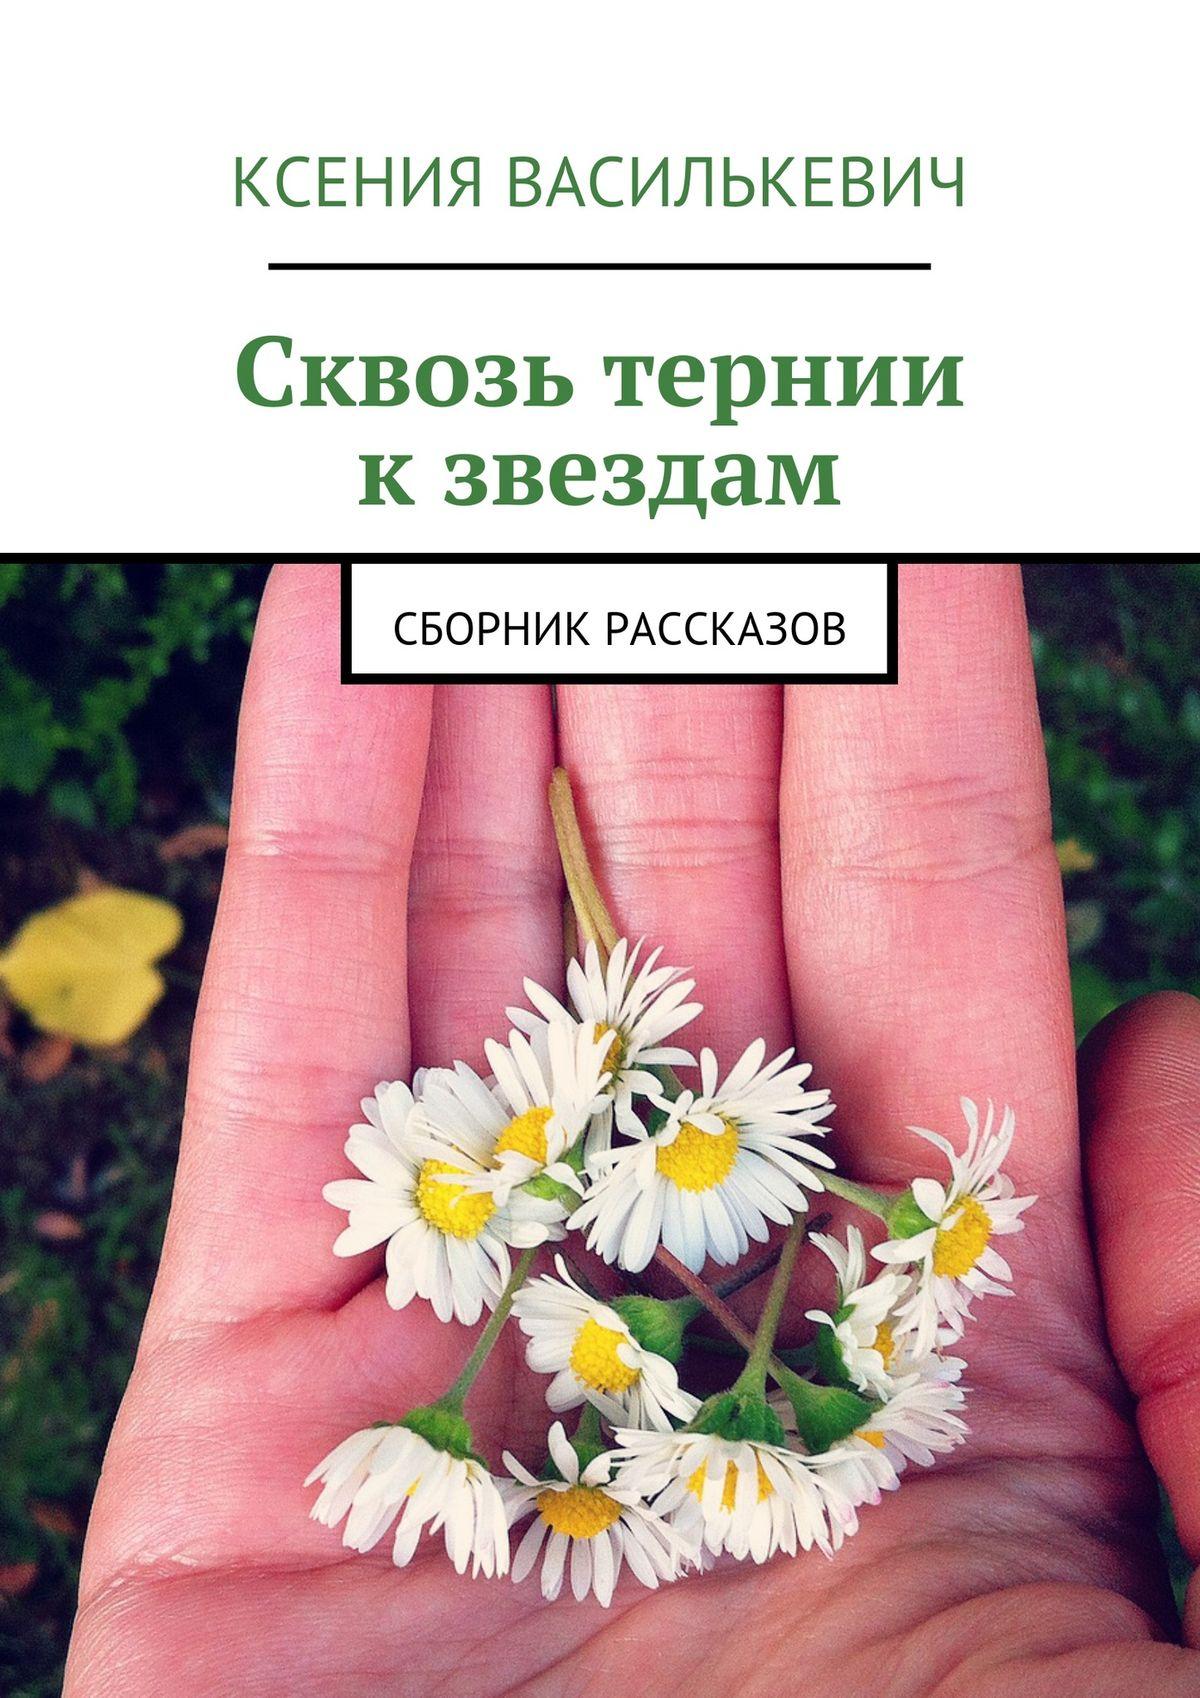 Ксения Василькевич Сквозь тернии кзвездам